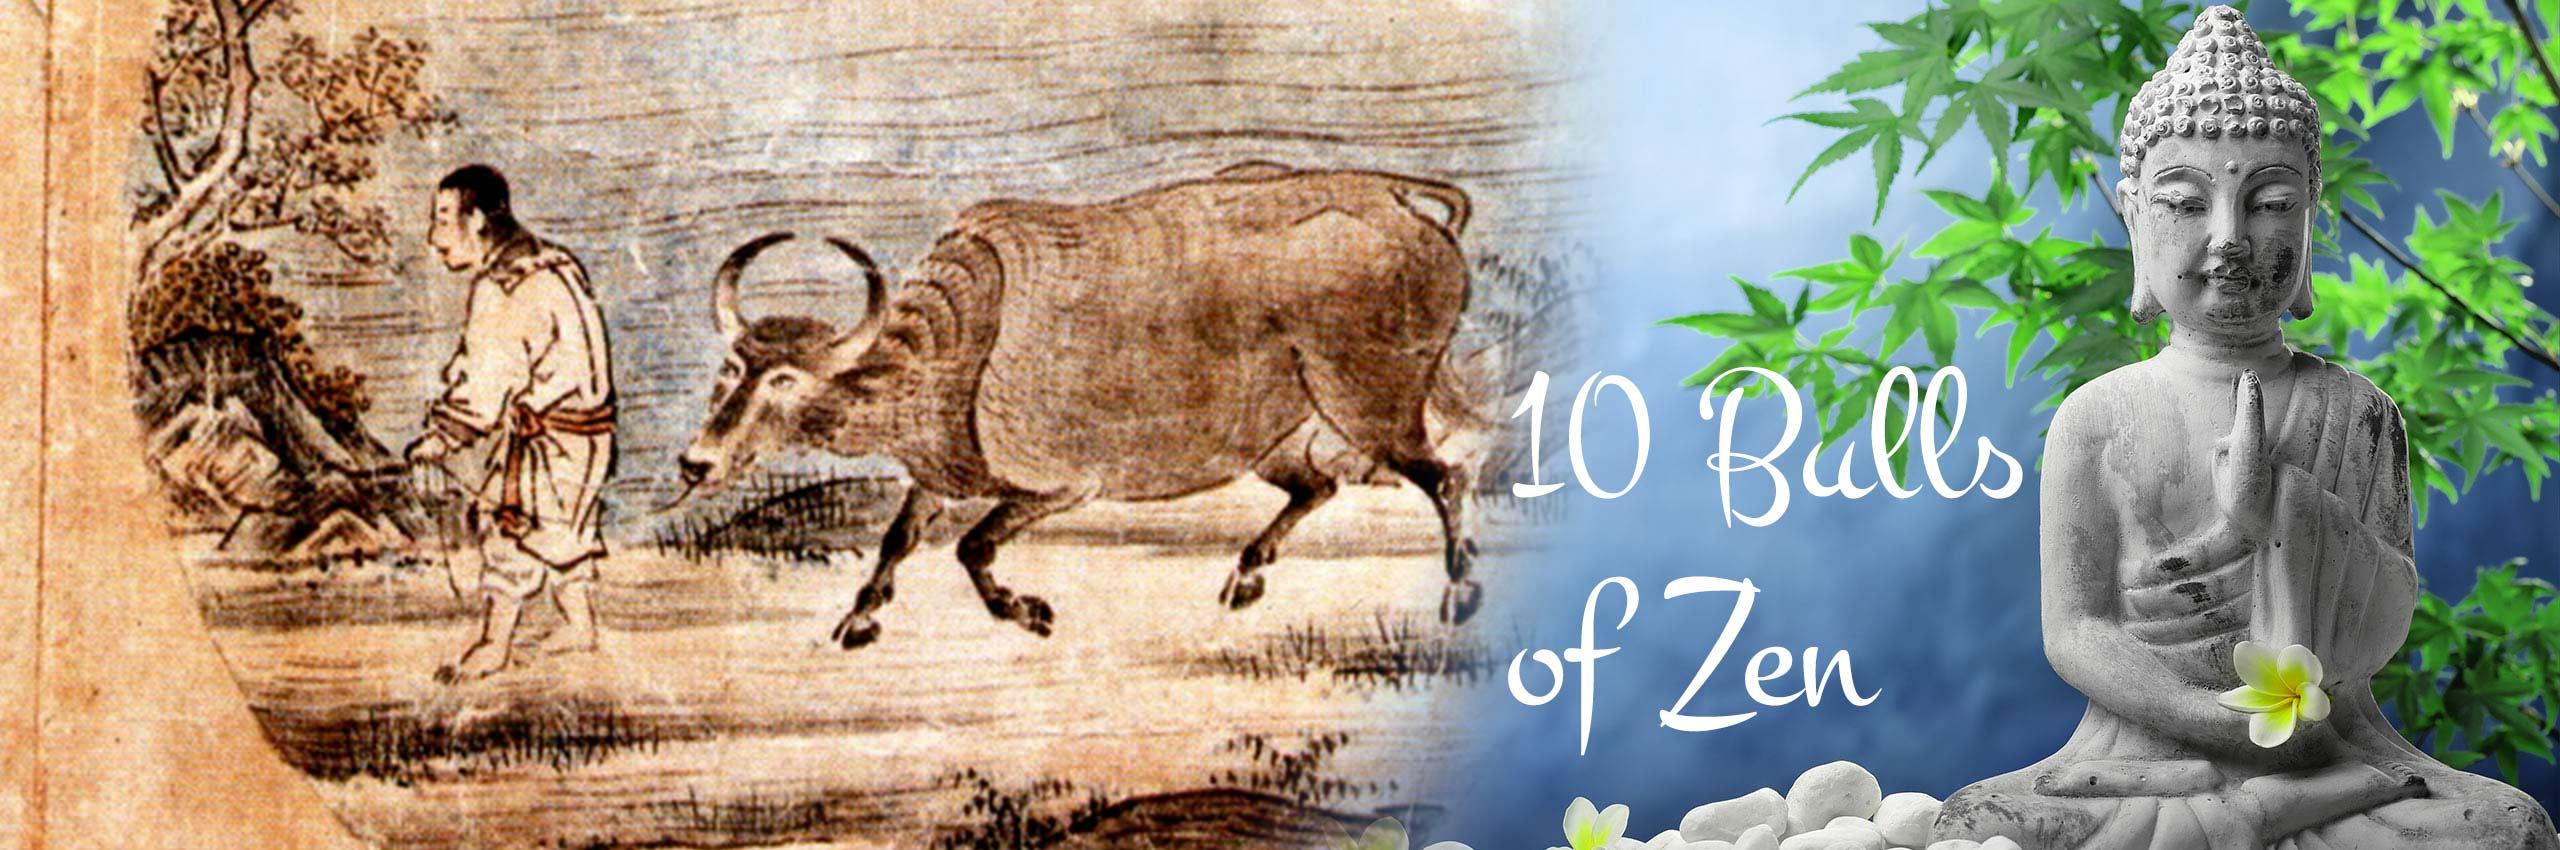 10 Bulls of Zen